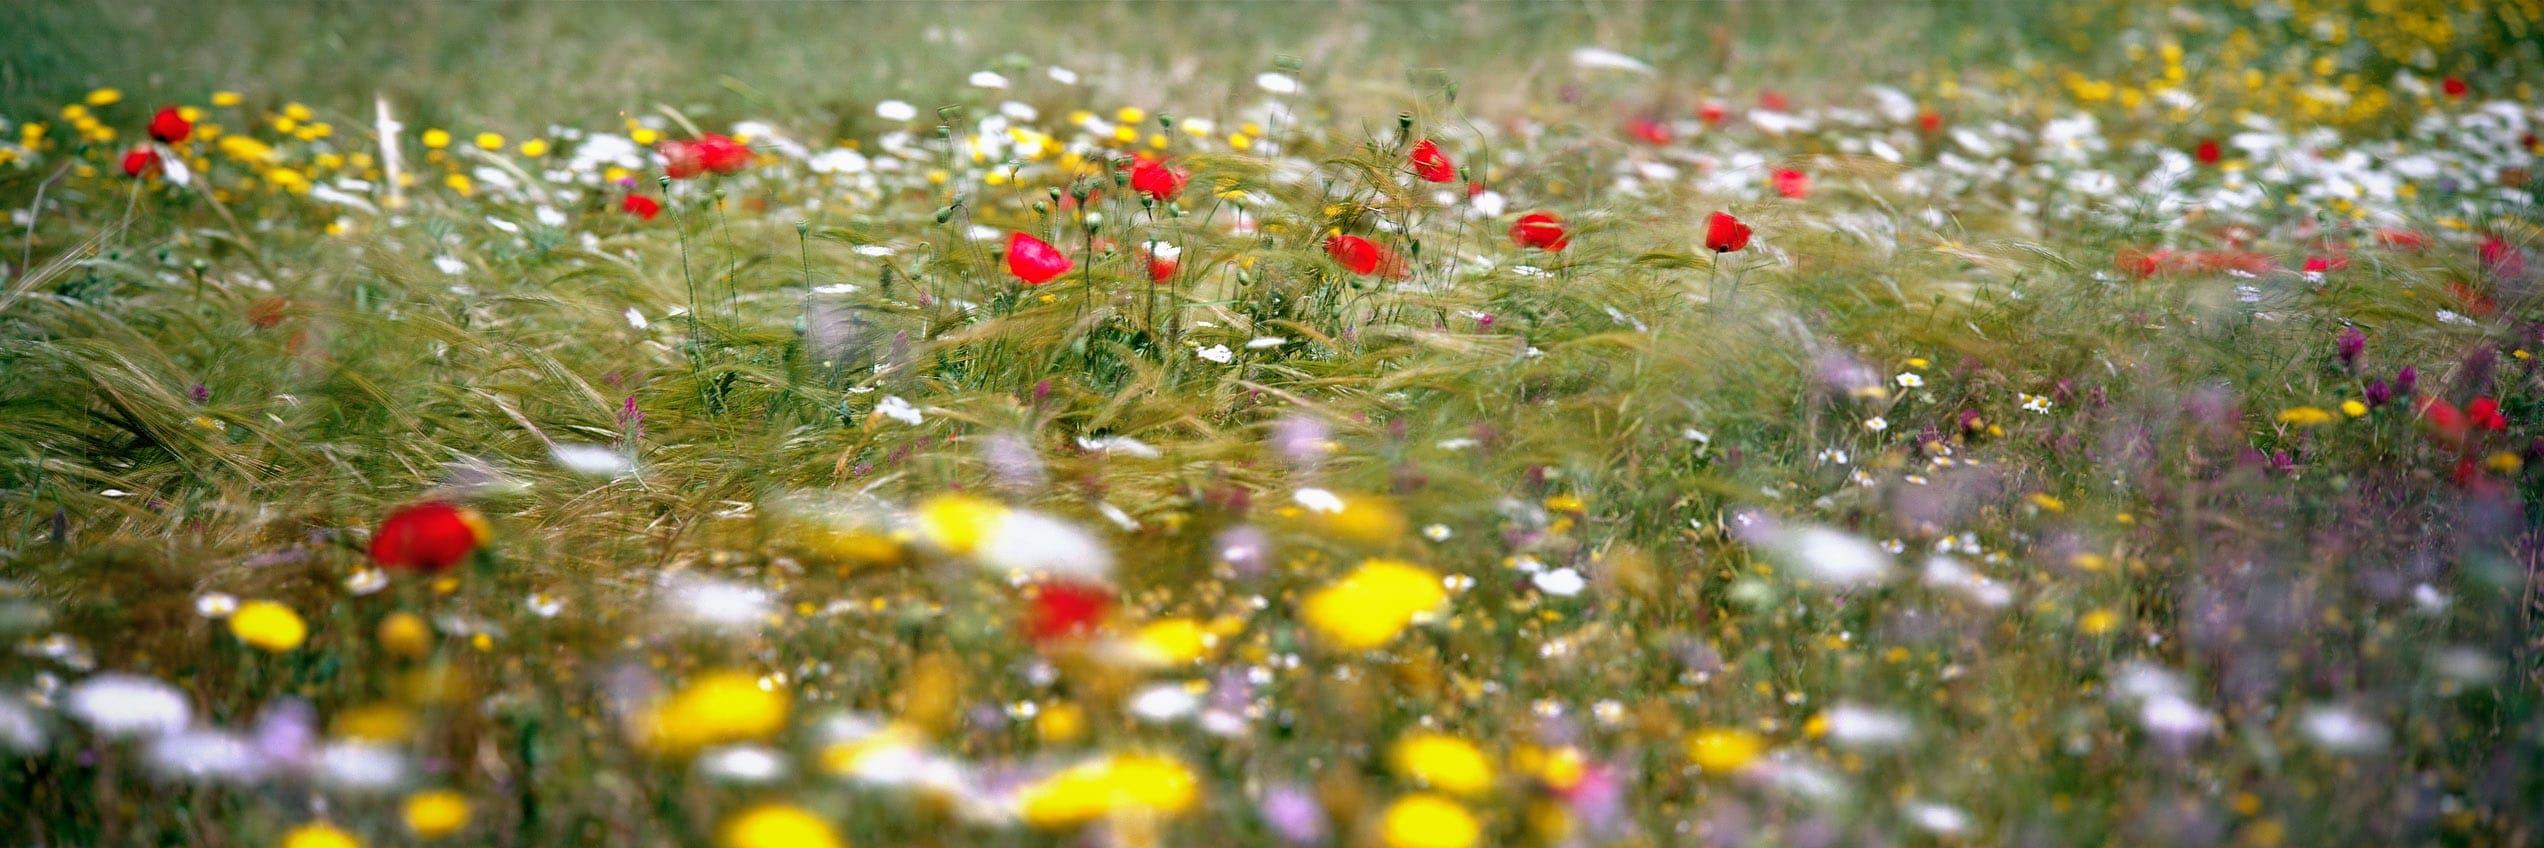 wild-flowers panorama